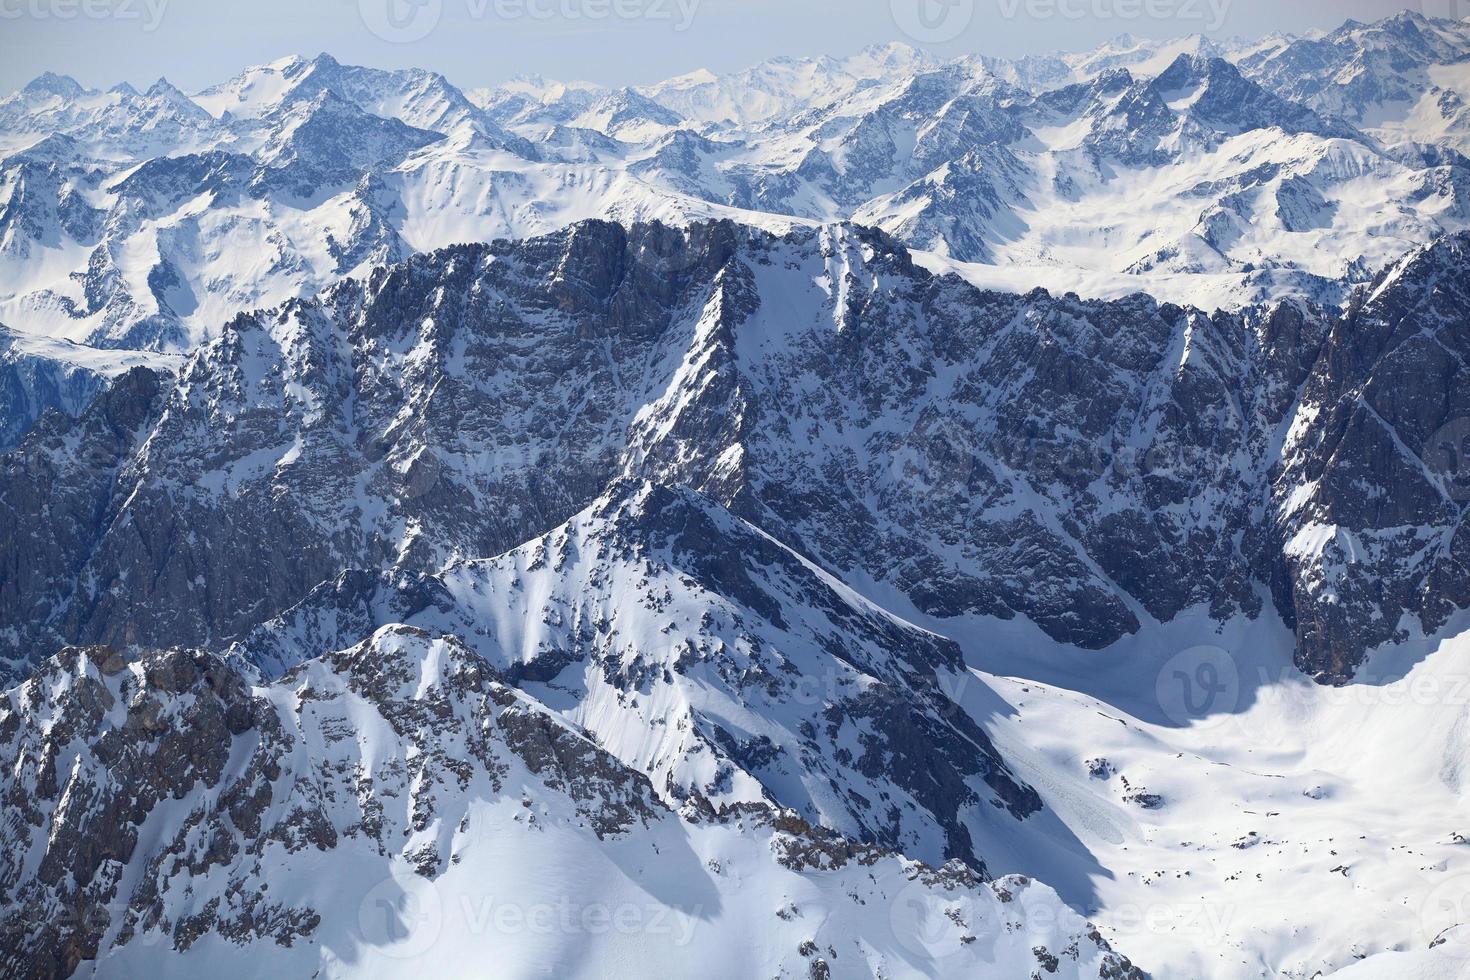 vintersnö täckt berg zugspitze i Tyskland. foto